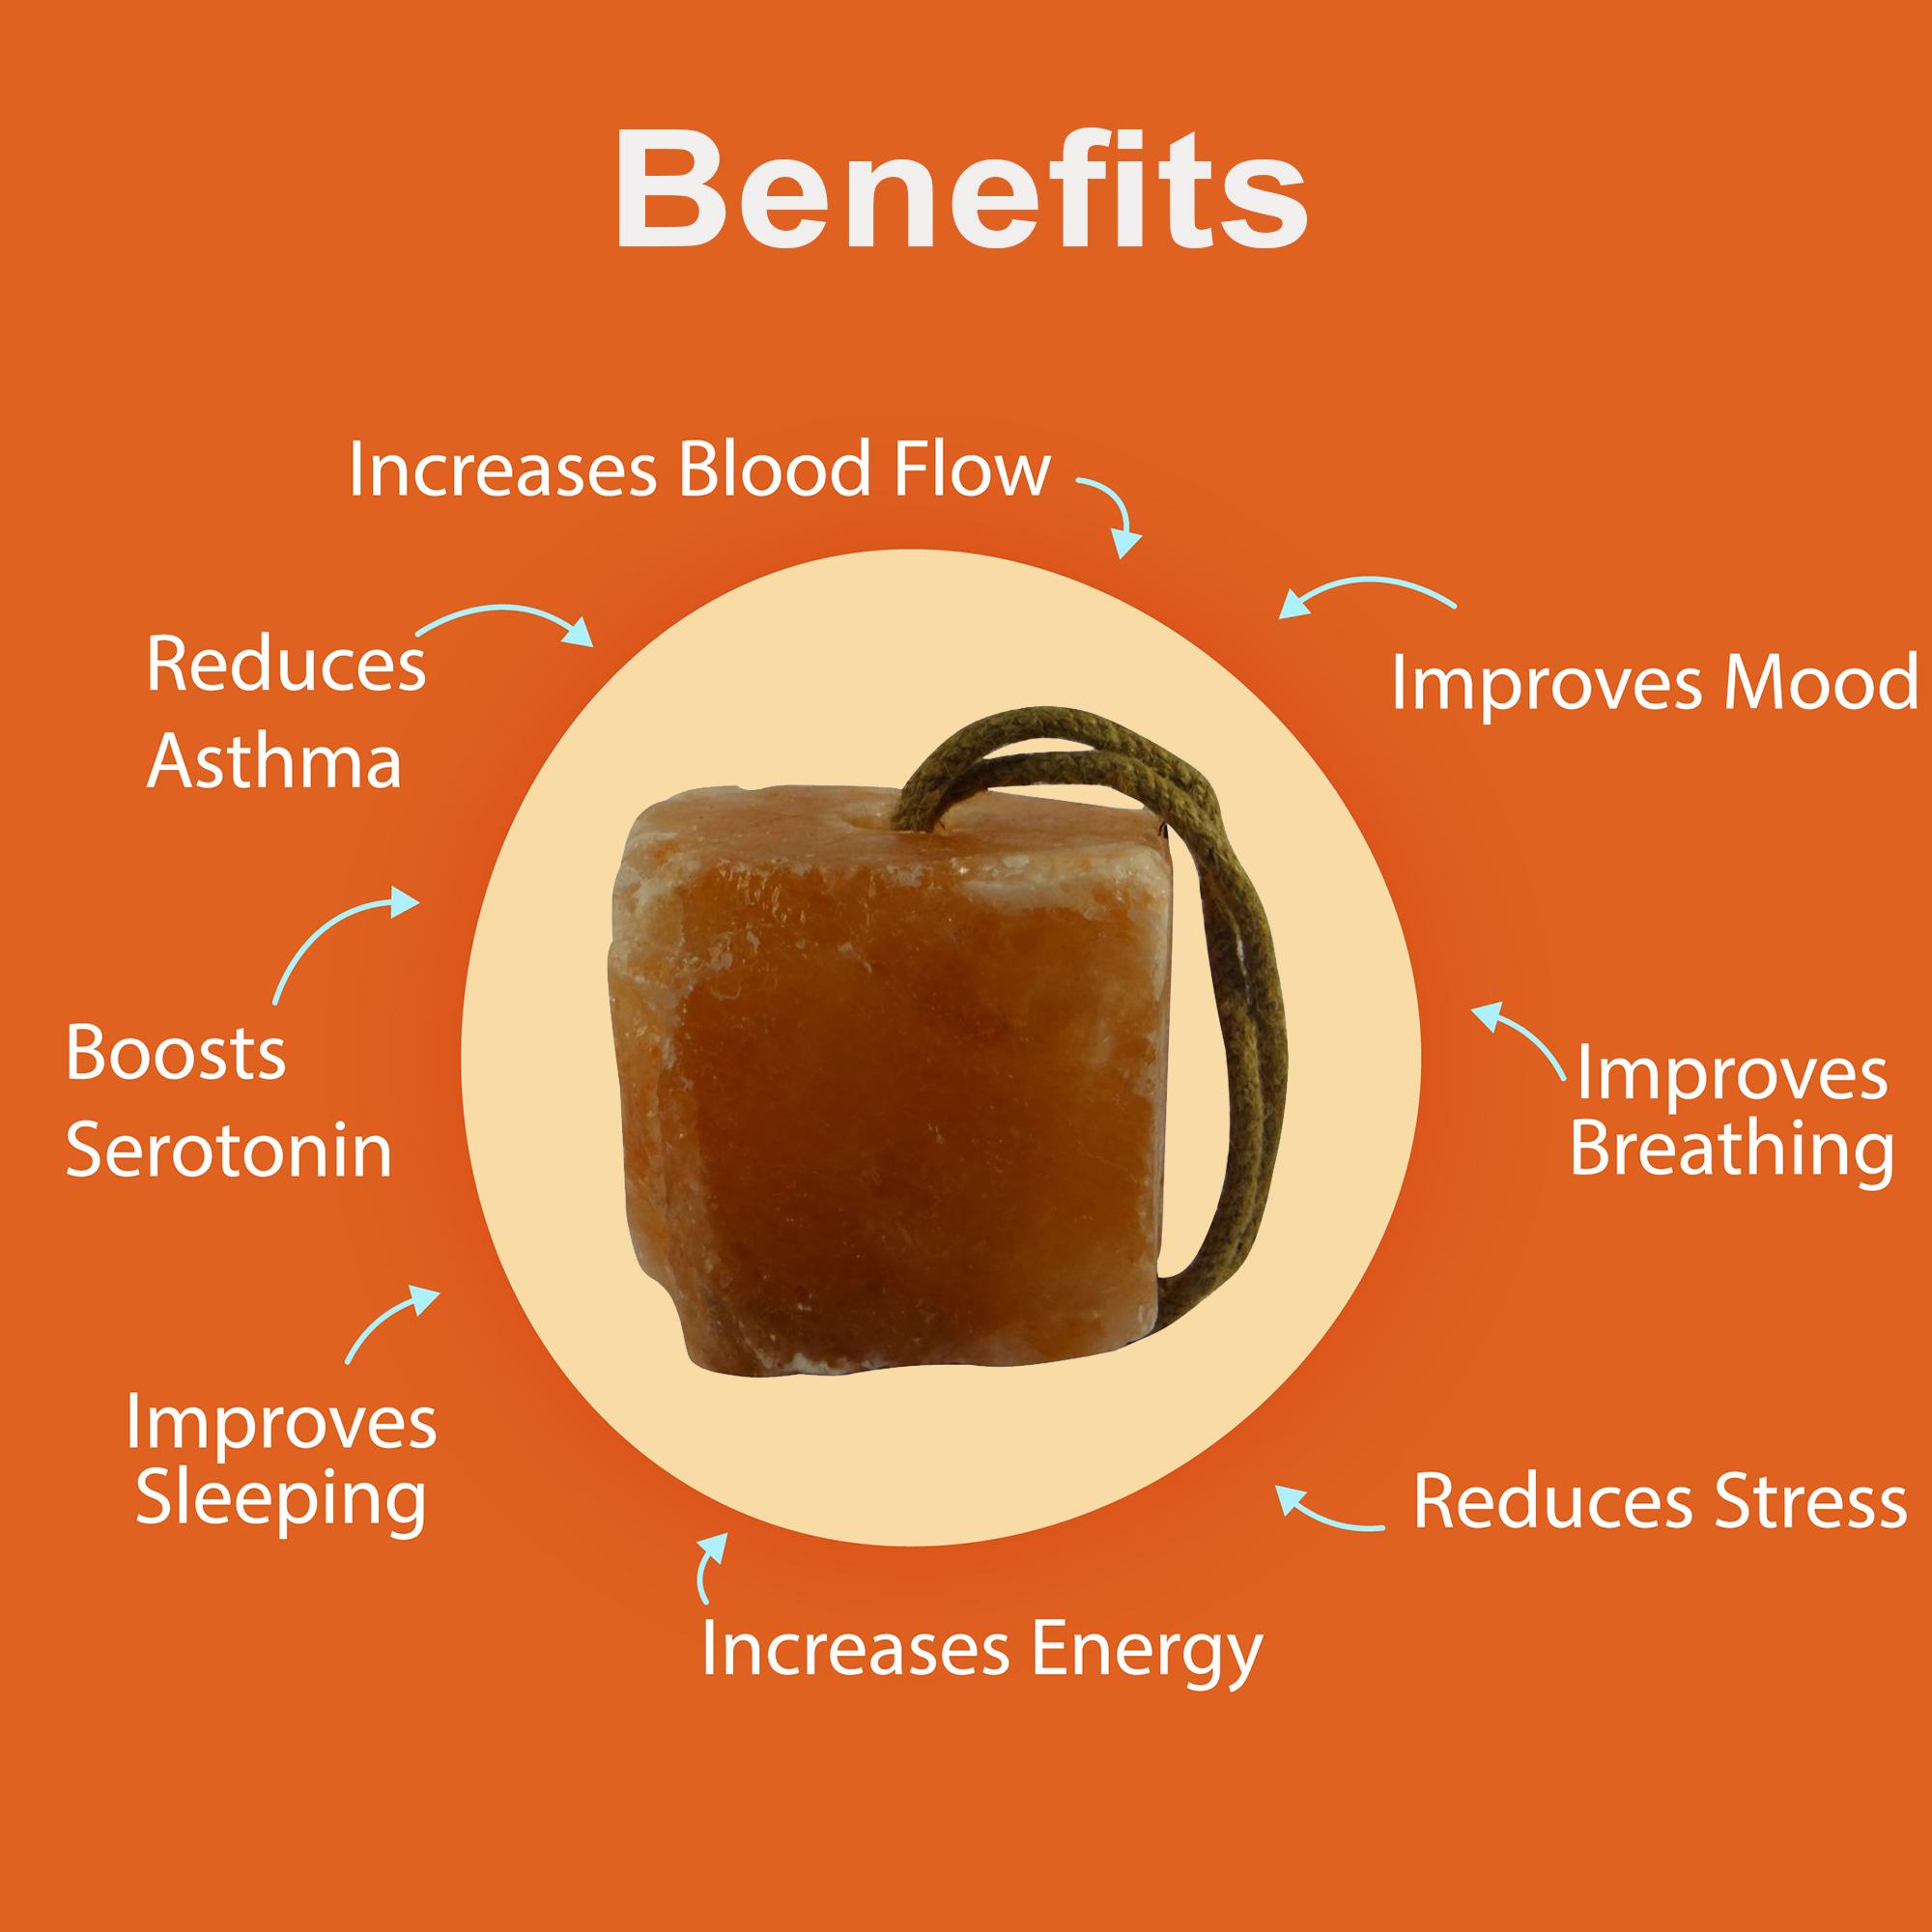 7 benefits 87 - Saltpur Himalayan Salts